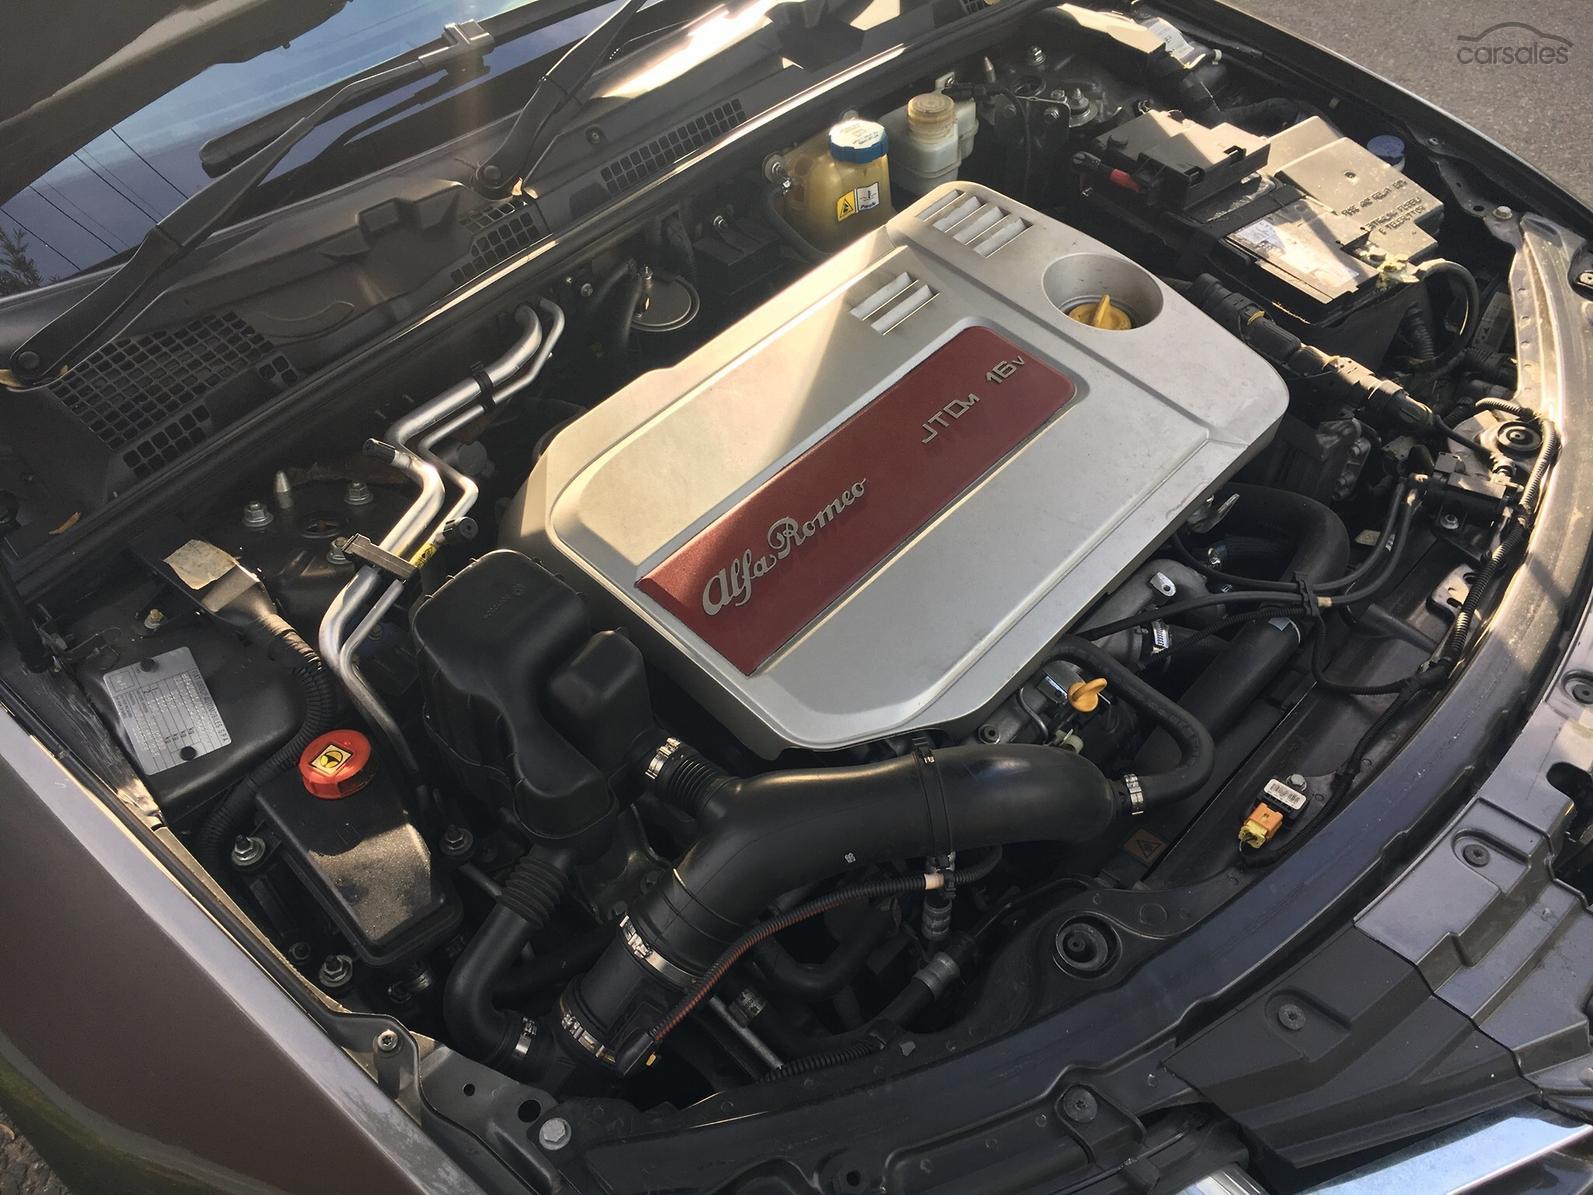 2009 Alfa Romeo 159 Jtd Auto My09 Sse Ad 5446775 Ferrari California Fuse Box